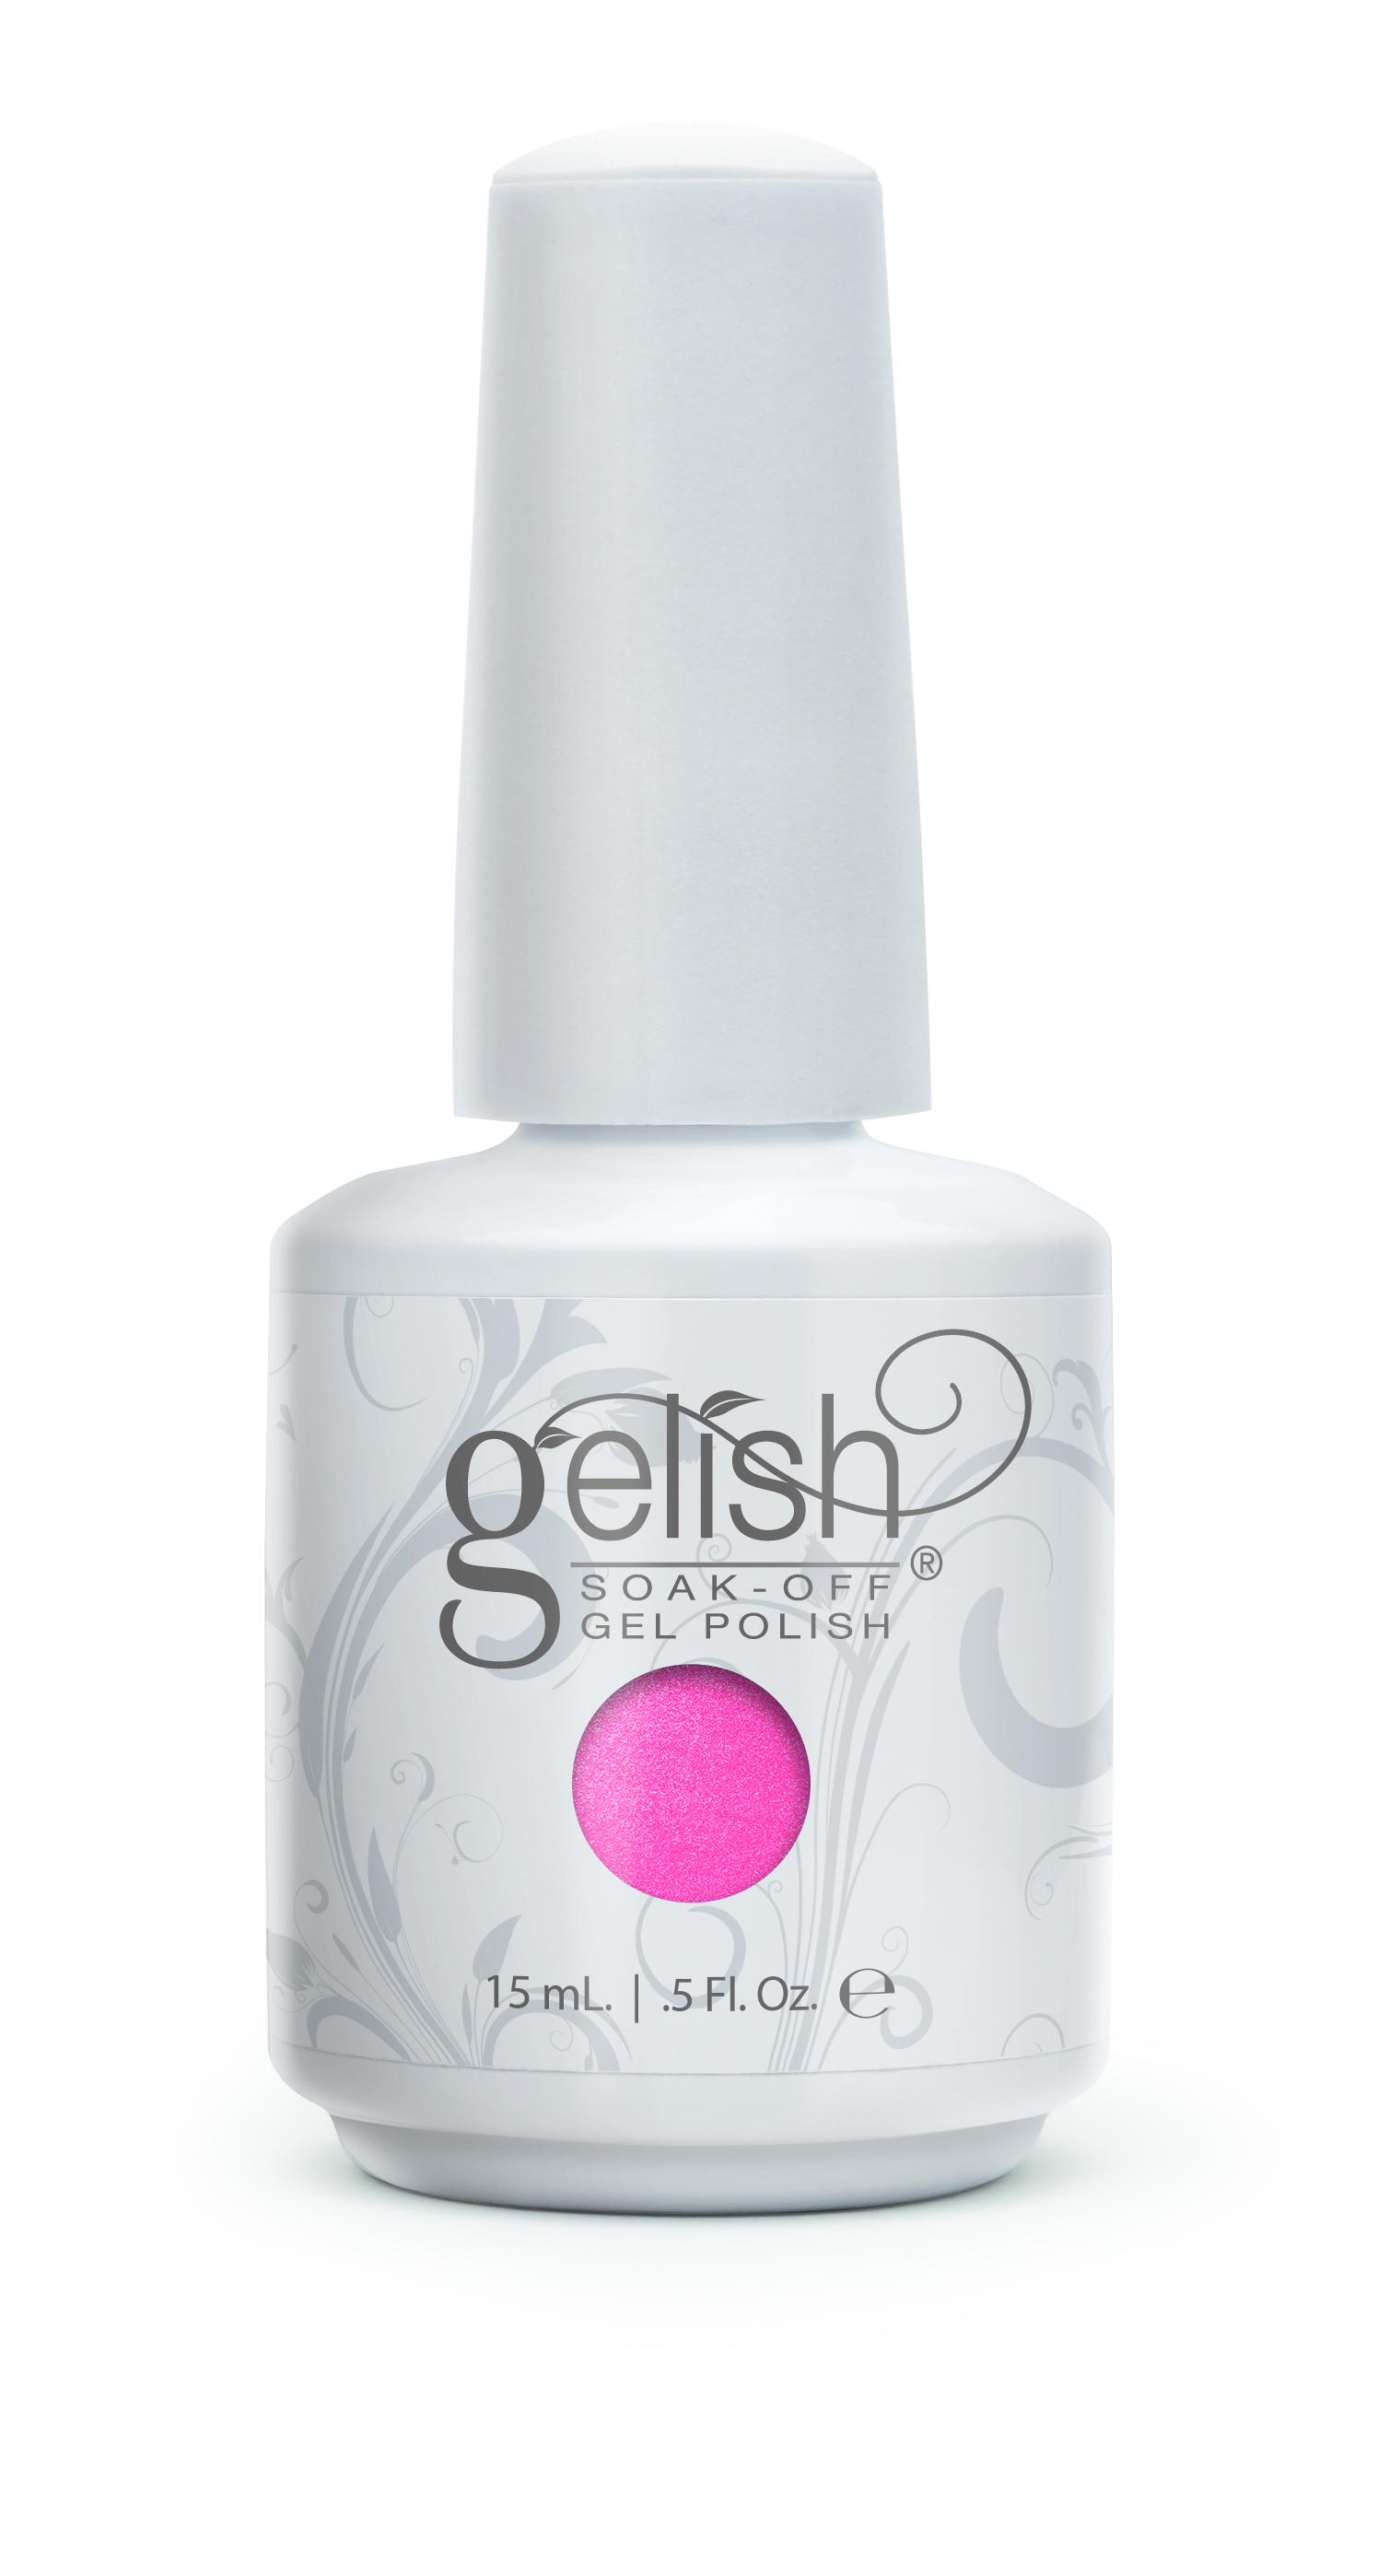 GELISH Гель-лак Its Gonna Be Mei / GELISH 15млГель-лаки<br>Гель-лак Gelish наносится на ноготь как лак, с помощью кисточки под колпачком. Процедура нанесения схожа с&amp;nbsp;нанесением обычного цветного покрытия. Все гель-лаки Harmony Gelish выполняют функцию еще и укрепляющего геля, делая ногти более прочными и длинными. Ногти клиента находятся под защитой гель-лака, они не ломаются и не расслаиваются. Гель-лаки Gelish после сушки в LED или УФ лампах держатся на натуральных ногтях рук до 3 недель, а на ногтях ног до 5 недель. Способ применения: Подготовительный этап. Для начала нужно сделать маникюр. В зависимости от ваших предпочтений это может быть европейский, классический обрезной, СПА или аппаратный маникюр. Главное, сдвинуть кутикулу с ногтевого ложа и удалить ороговевшие участки кожи вокруг ногтей. Особенностью этой системы является то, что перед нанесением базового слоя необходимо обработать ноготь шлифовочным бафом Harmony Buffer 100/180 грит, для того, чтобы снять глянец. Это поможет улучшить сцепку покрытия с ногтем. Пыль, которая осталась после опила, излишки жира и влаги удаляются с помощью обезжиривателя Бондер / GELISH pH Bond 15&amp;nbsp;мл или любого другого дегитратора. Нанесение искусственного покрытия Harmony.&amp;nbsp; После того, как подготовительные процедуры завершены, можно приступать непосредственно к нанесению искусственного покрытия Harmony Gelish. Как и все гелевые лаки, продукцию этого бренда необходимо полимеризовать в лампе. Гель-лаки Gelish сохнут (полимеризуются) под LED или УФ лампой. Время полимеризации: В LED лампе 18G/6G = 30 секунд В LED лампе Gelish Mini Pro = 45 секунд В УФ лампах 36 Вт = 120 секунд В УФ лампе Harmony Mini Portable UV Light = 180 секунд ПРИМЕЧАНИЕ: подвергать полимеризации необходимо каждый слой гель-лакового покрытия! 1)Первым наносится тонкий слой базового покрытия Gelish Foundation Soak Off Base Gel 15 мл. 2)Следующий шаг   нанесение цветного гель-лака Harmony Gelish.&amp;nbsp; 3)Заключительный этап Нане